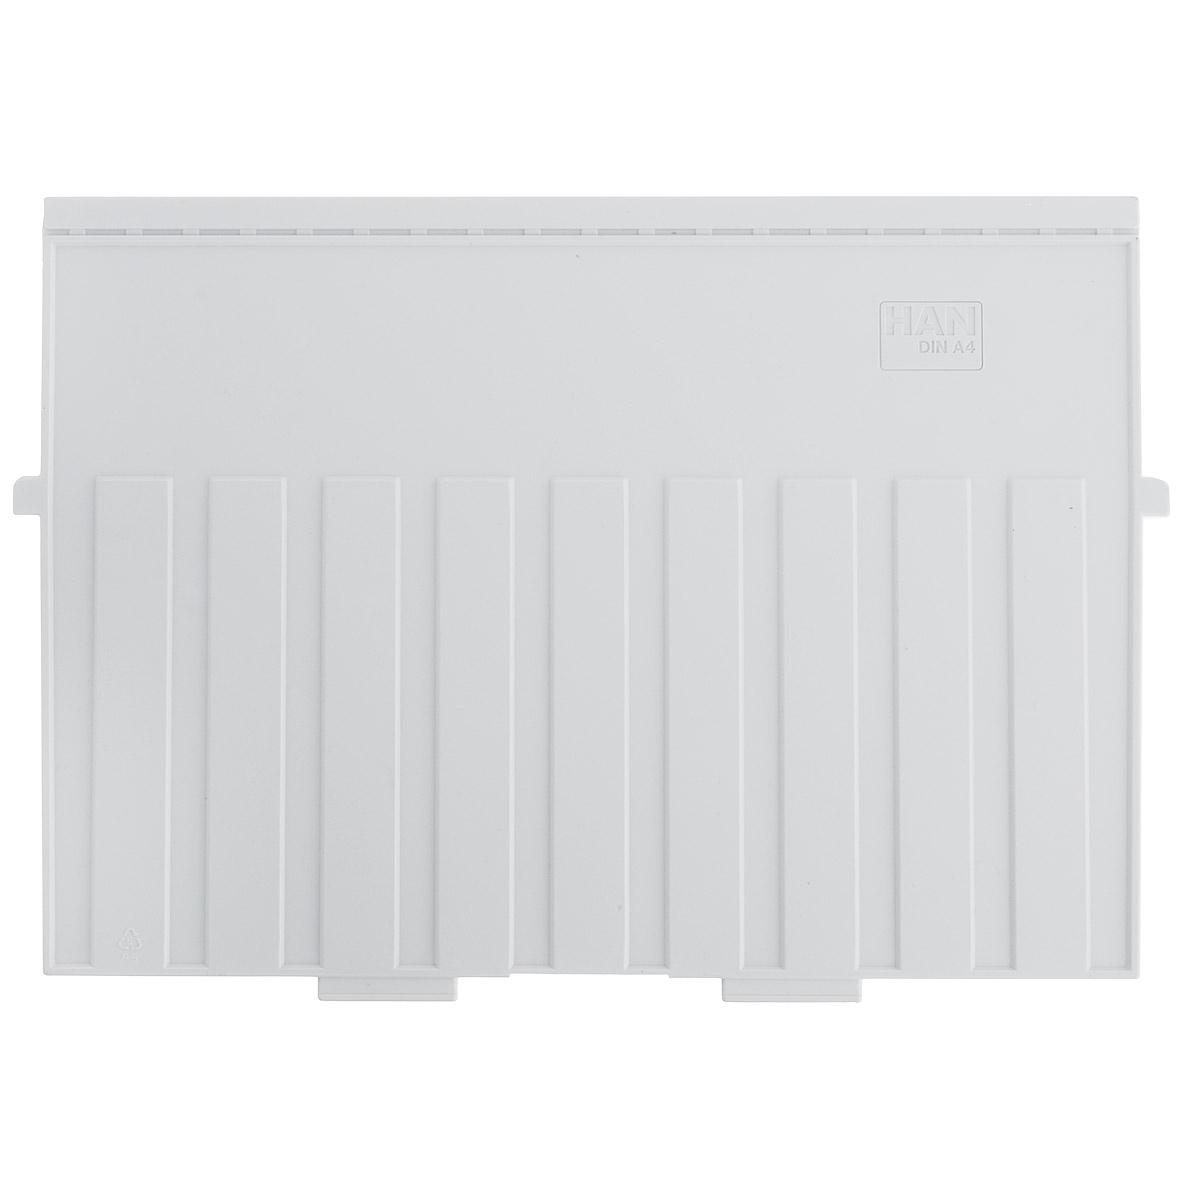 Разделитель для горизонтальной картотеки Han, цвет: серый. Формат А4HA9024/11Разделитель для картотеки Han изготовлен из пластика серого цвета. Предназначен для горизонтальных картотек HAN. Имеется специальное поле для установки индексного окна (сверху).